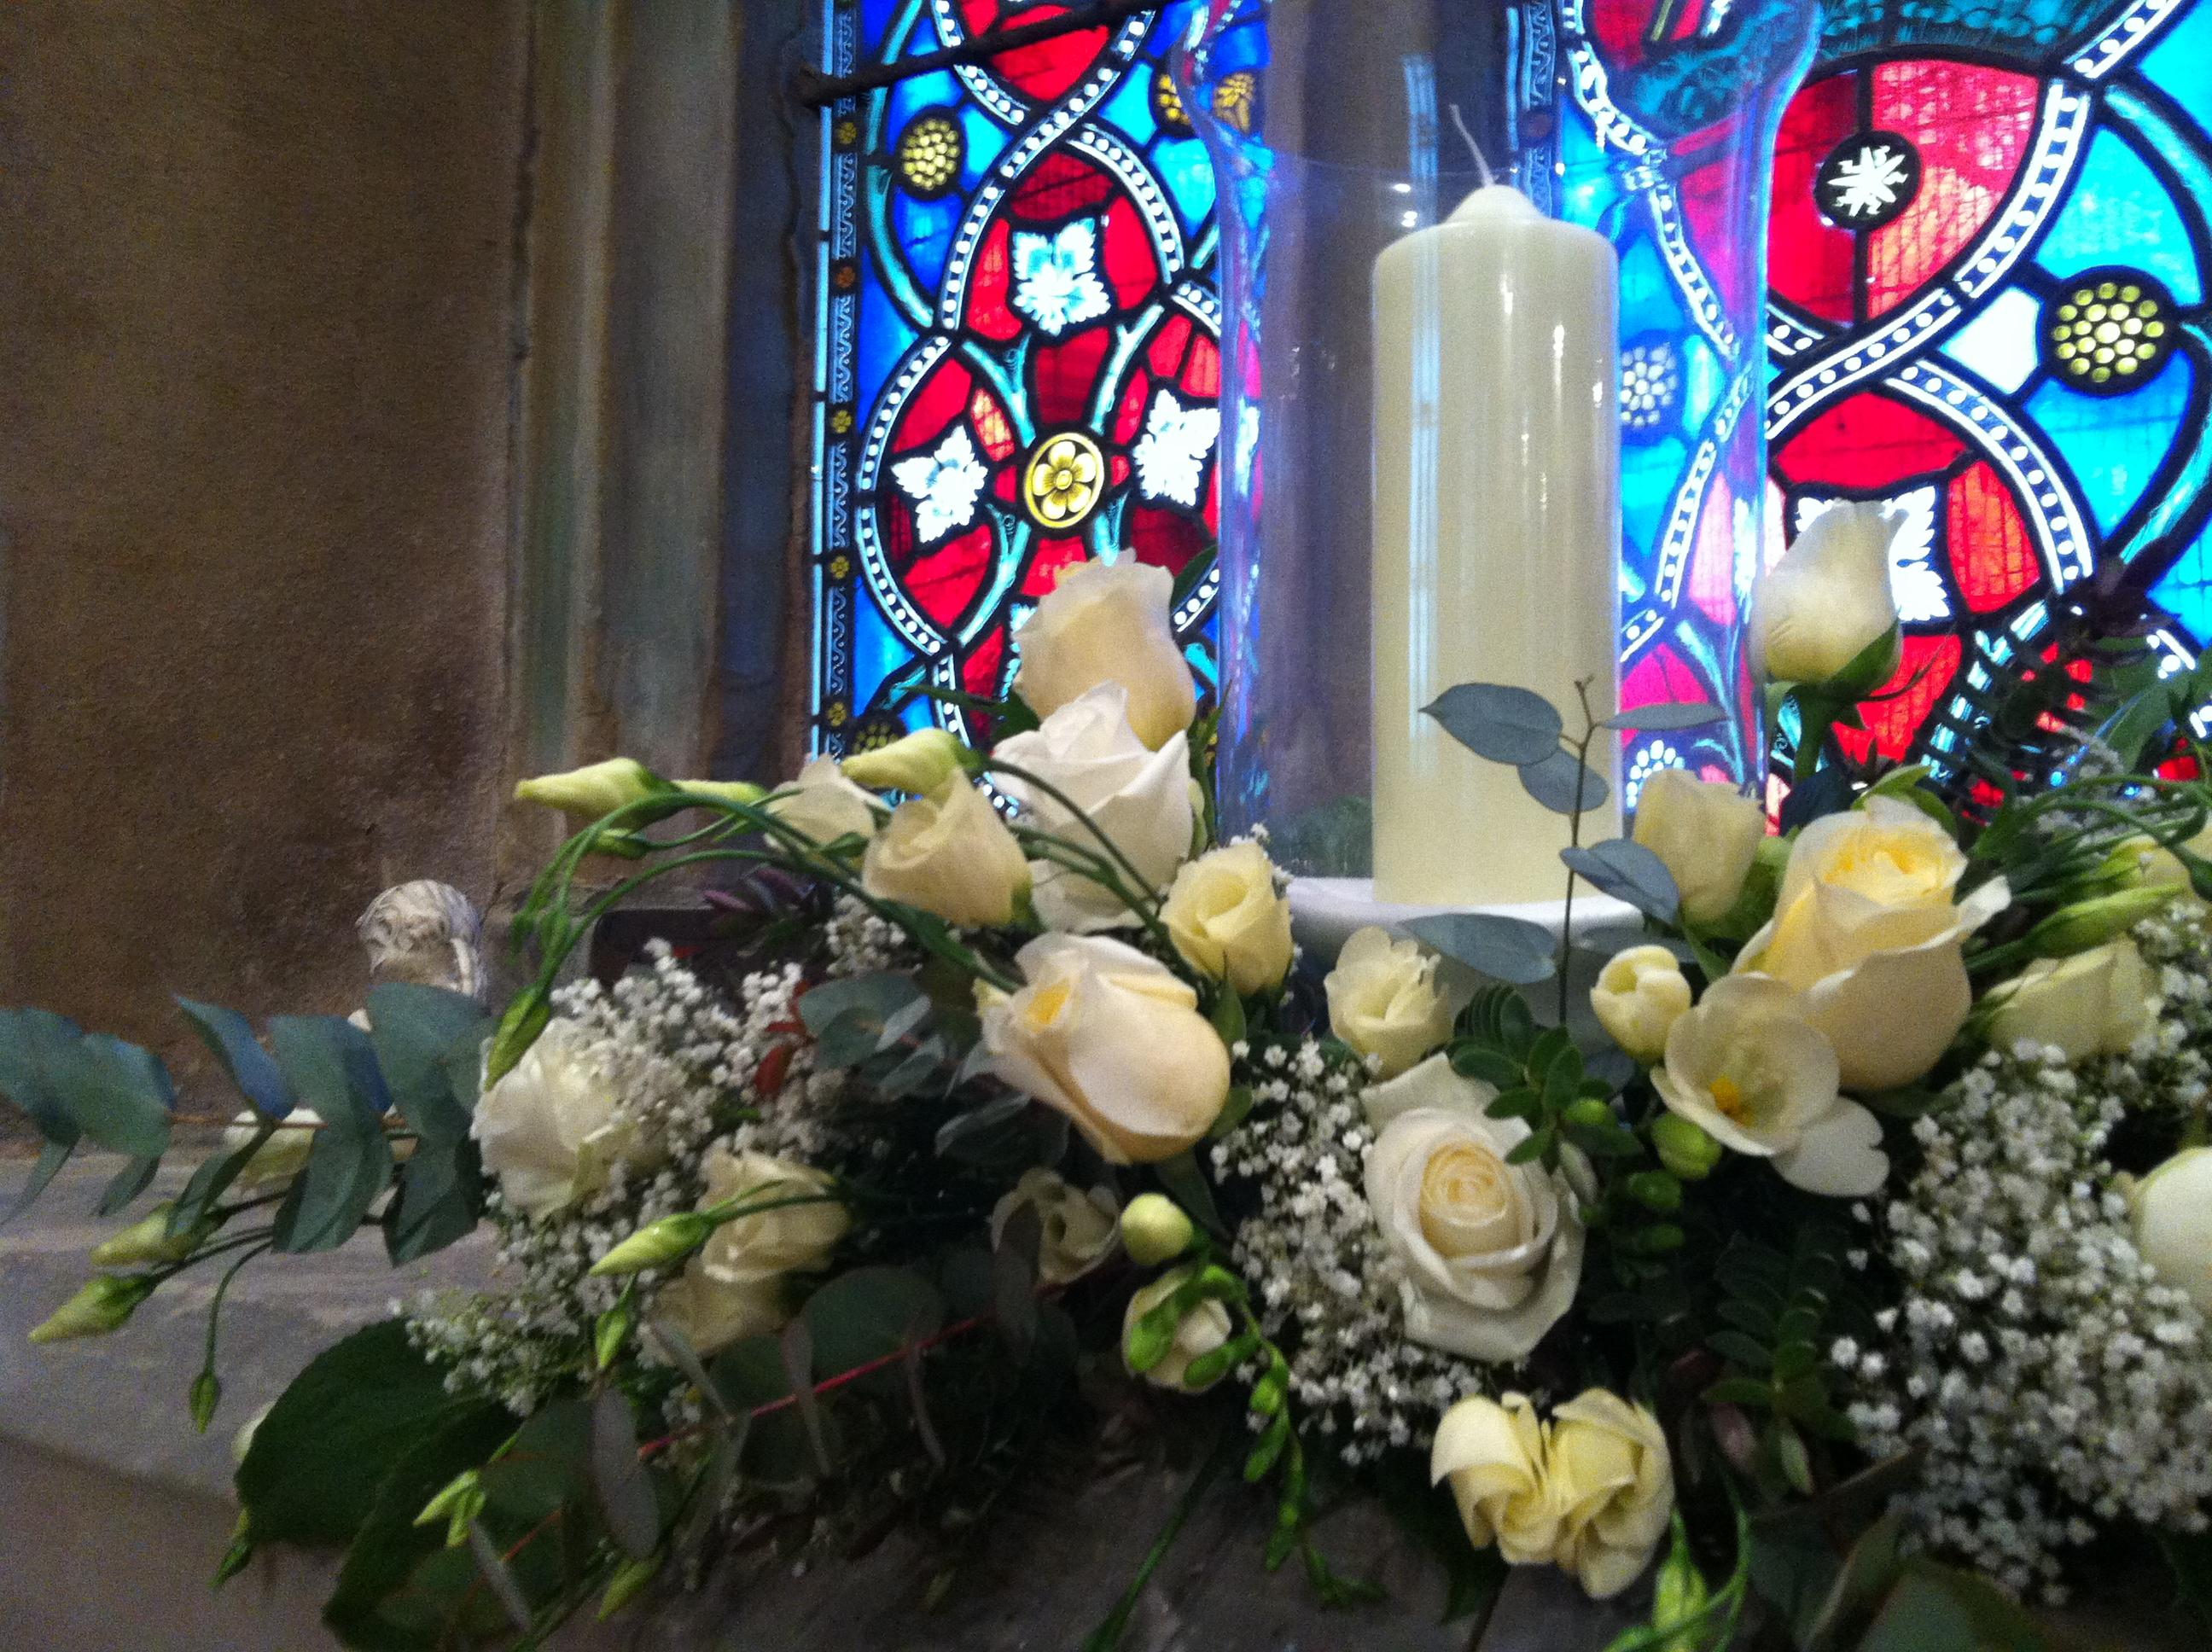 Wedding flowers in aston flamville dawsons beck call window displays wedding flowers aston flamville junglespirit Gallery